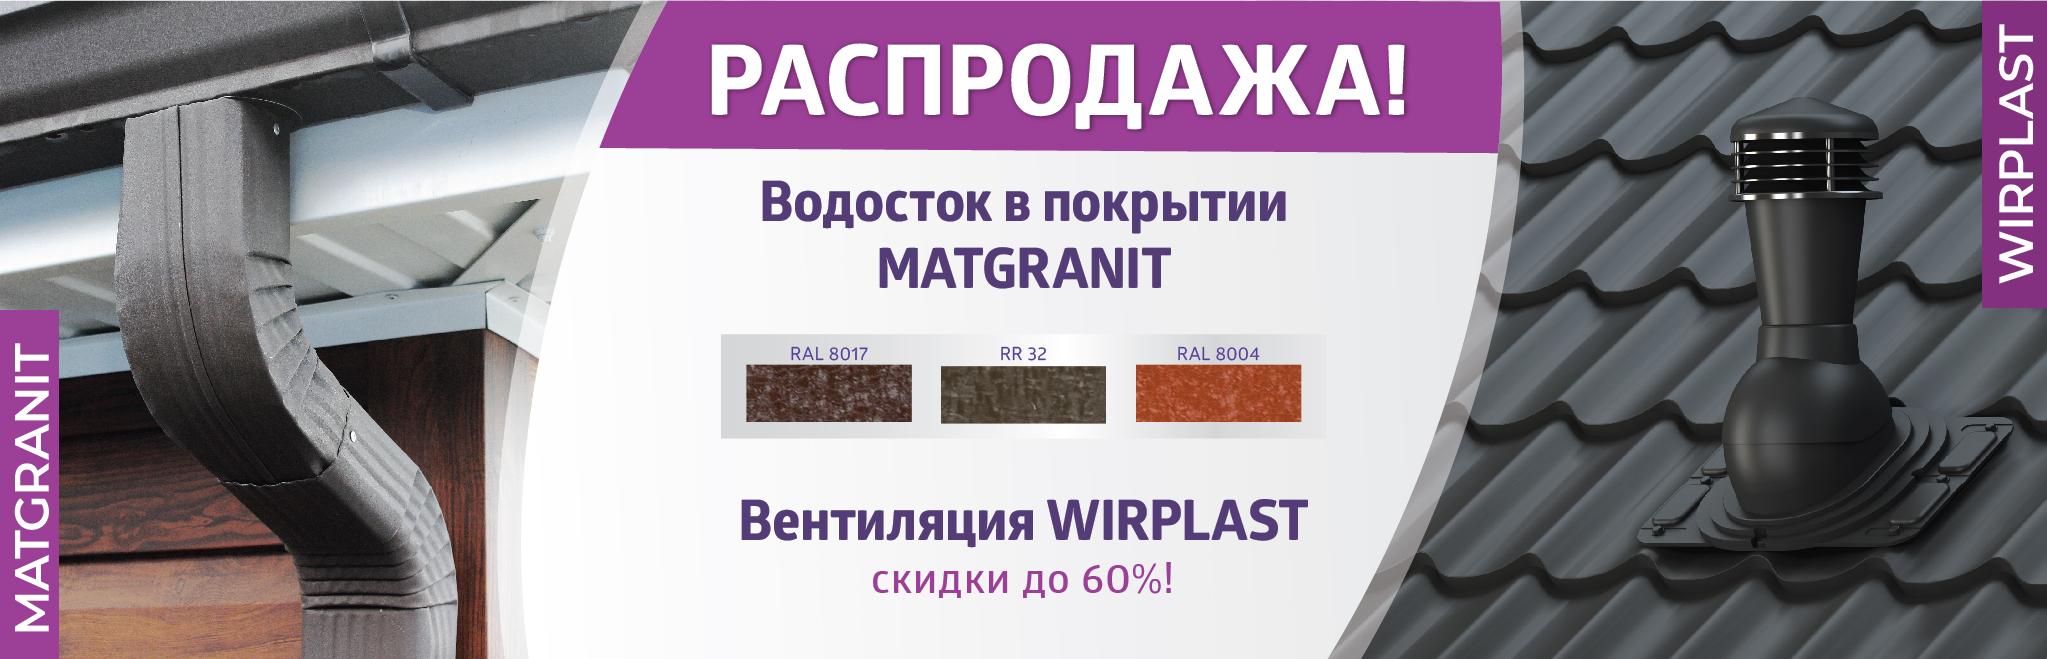 Распродажа Матгранит скидки до 60%